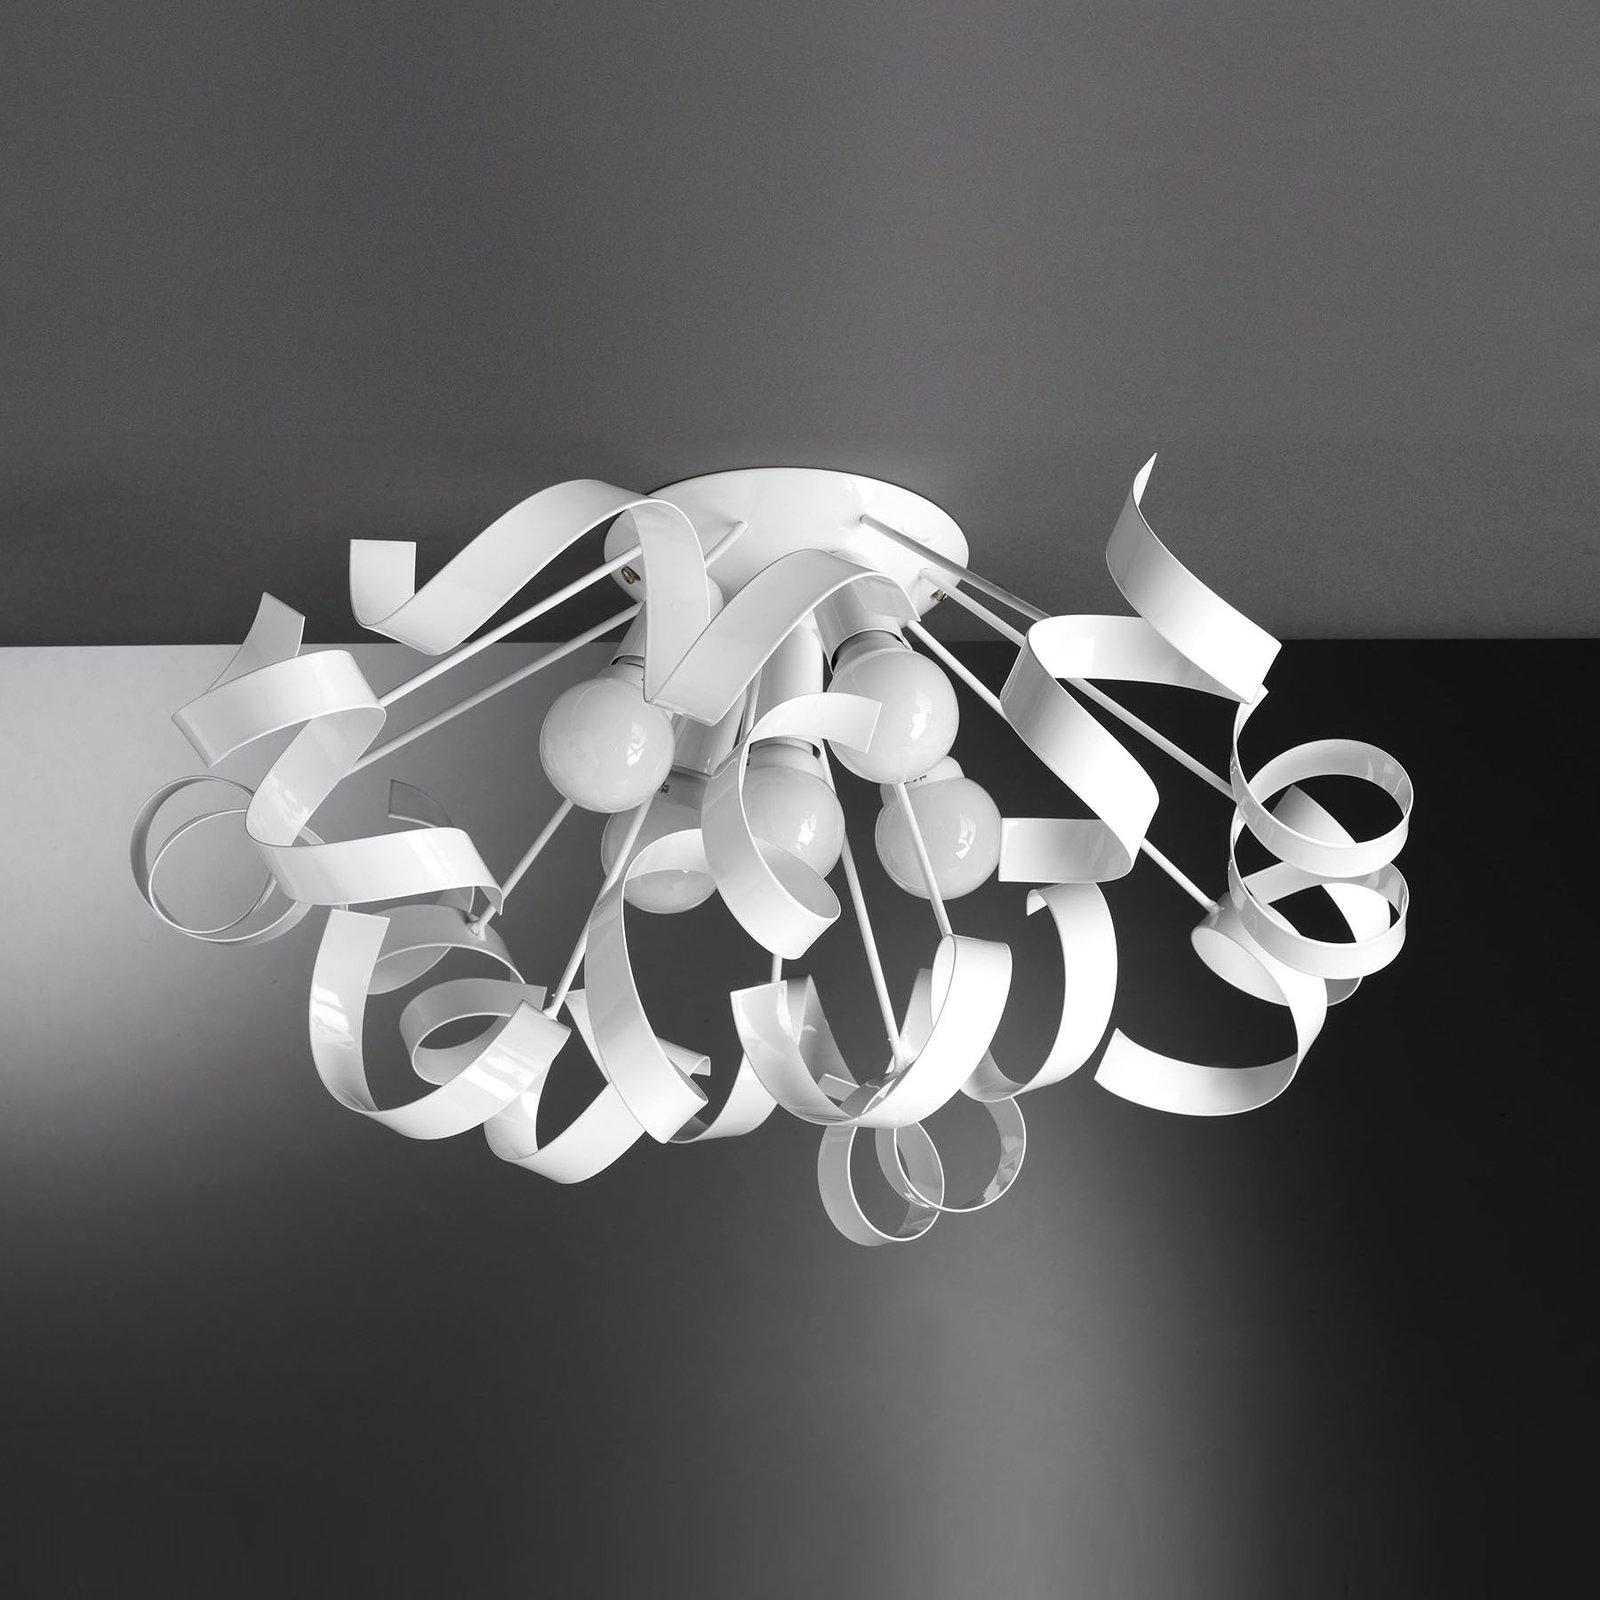 Taklampe Zoe av metall, 5 lyskilder, hvit